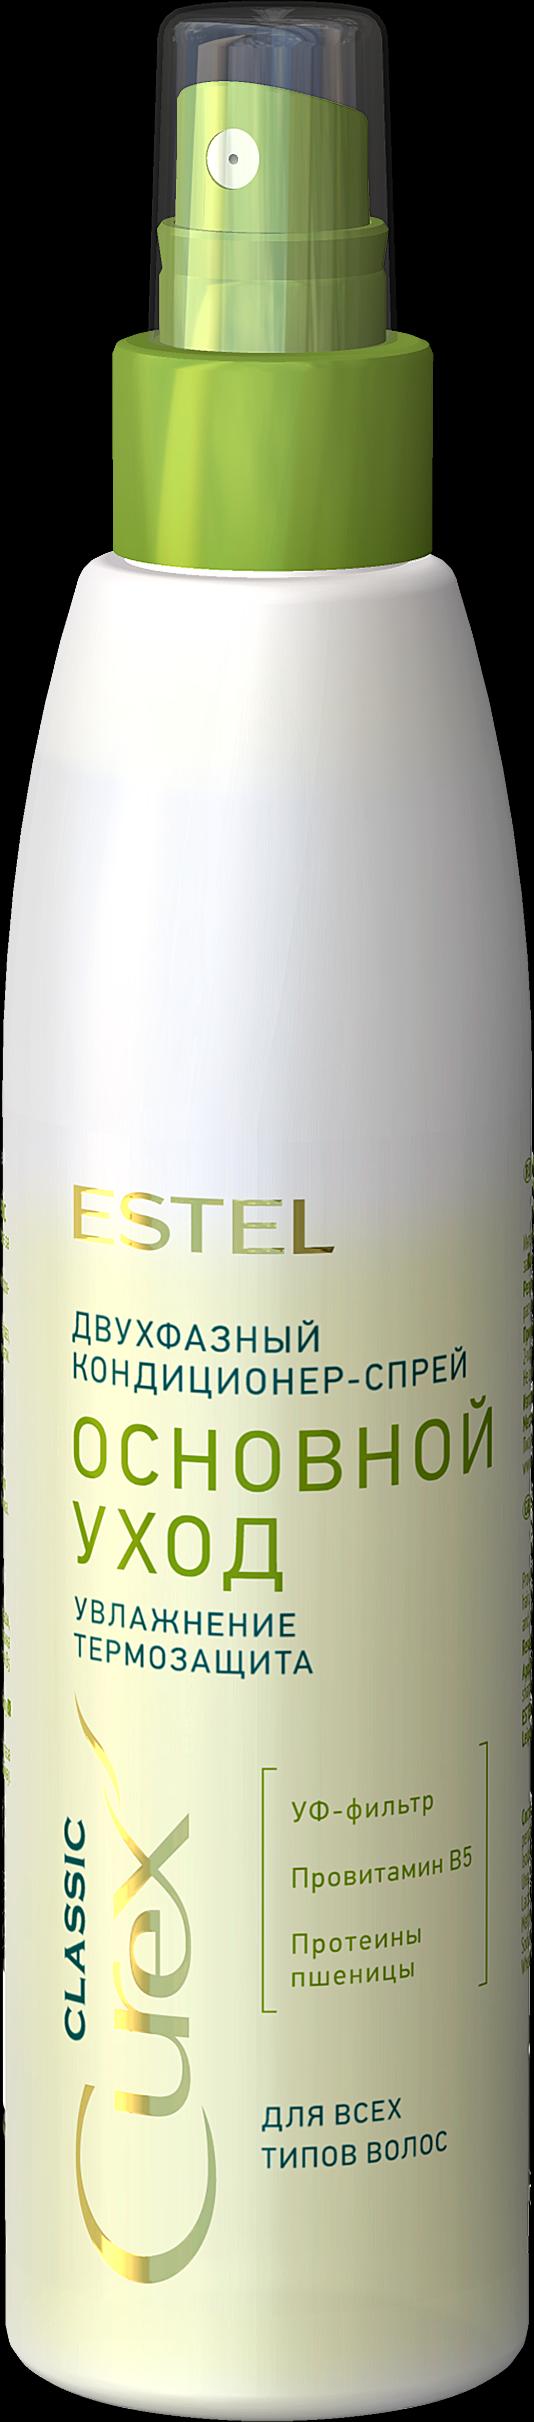 Купить ESTEL PROFESSIONAL Кондиционер-спрей двухфазный увлажняющий / Curex Classic 200 мл